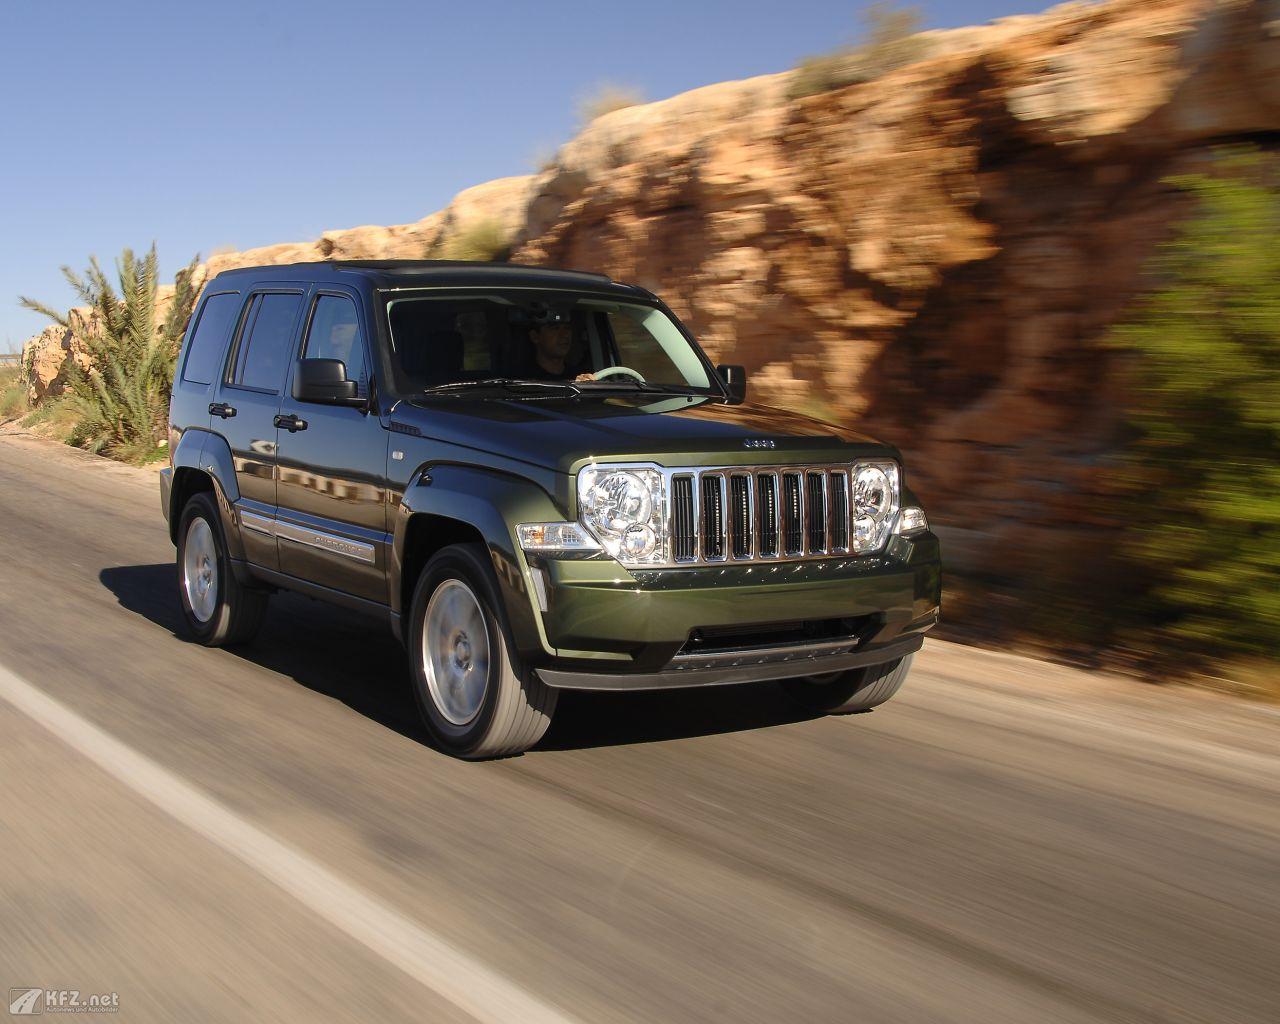 jeep-cherokee-1280x1024-3